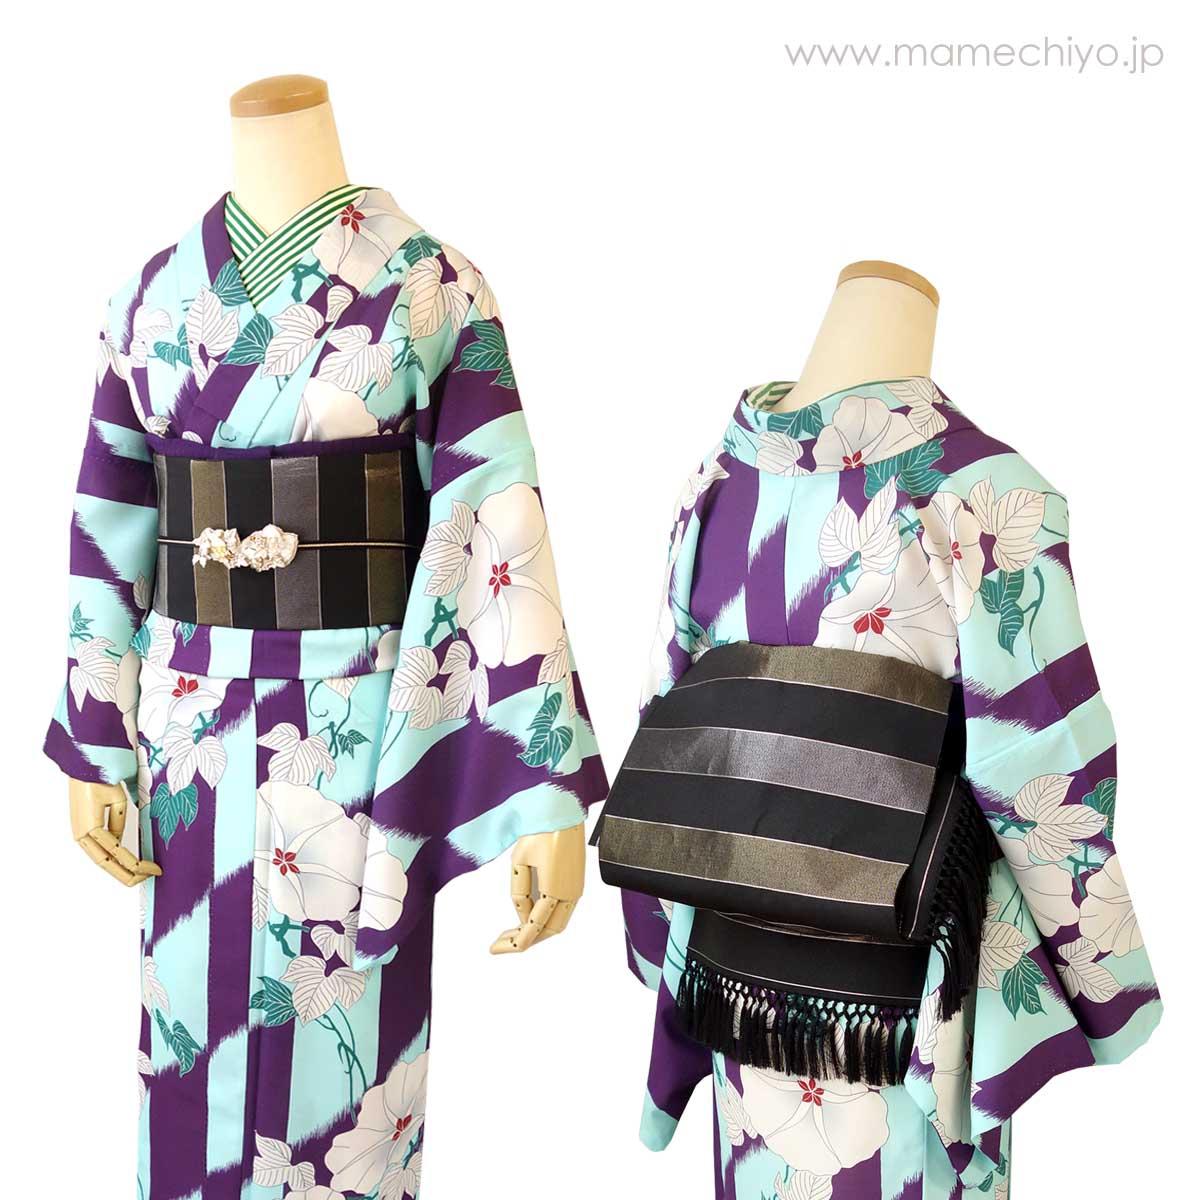 正絹博多織 単衣帯「ひとへこえ 縞 ギャラクシー」